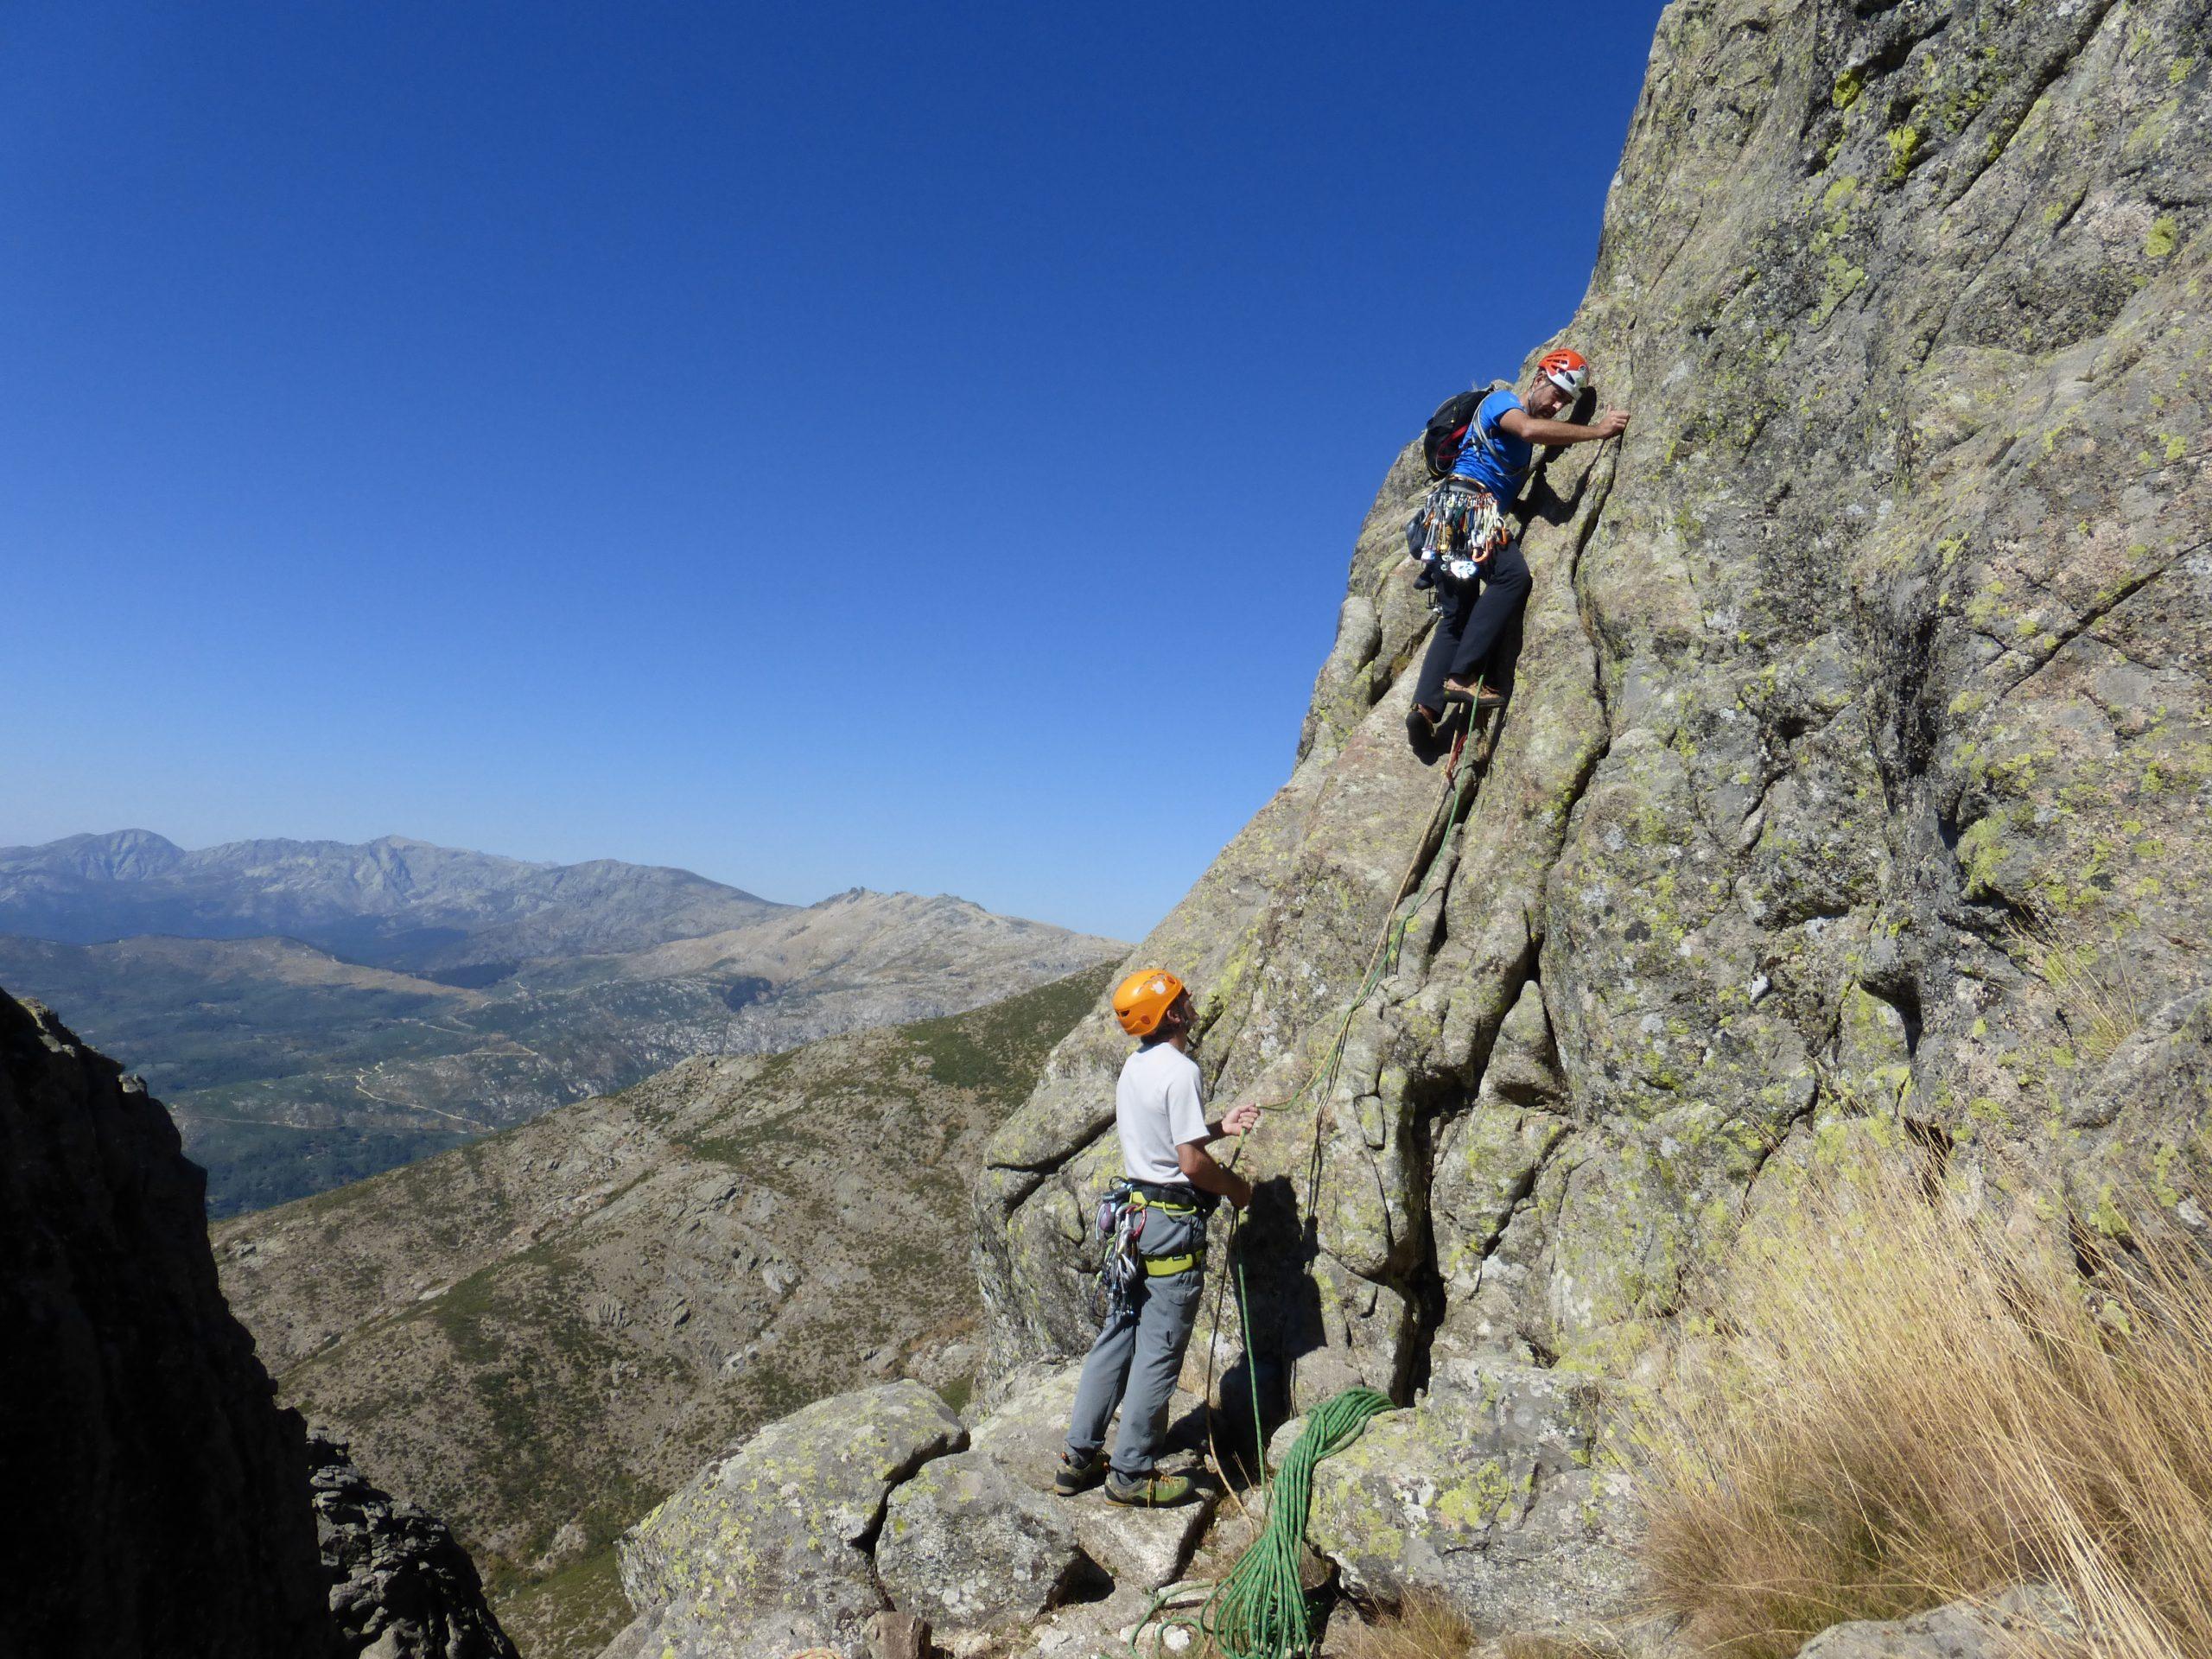 Curso de escalada en roca. Nivel 2 (Vías de varios largas equipadas)